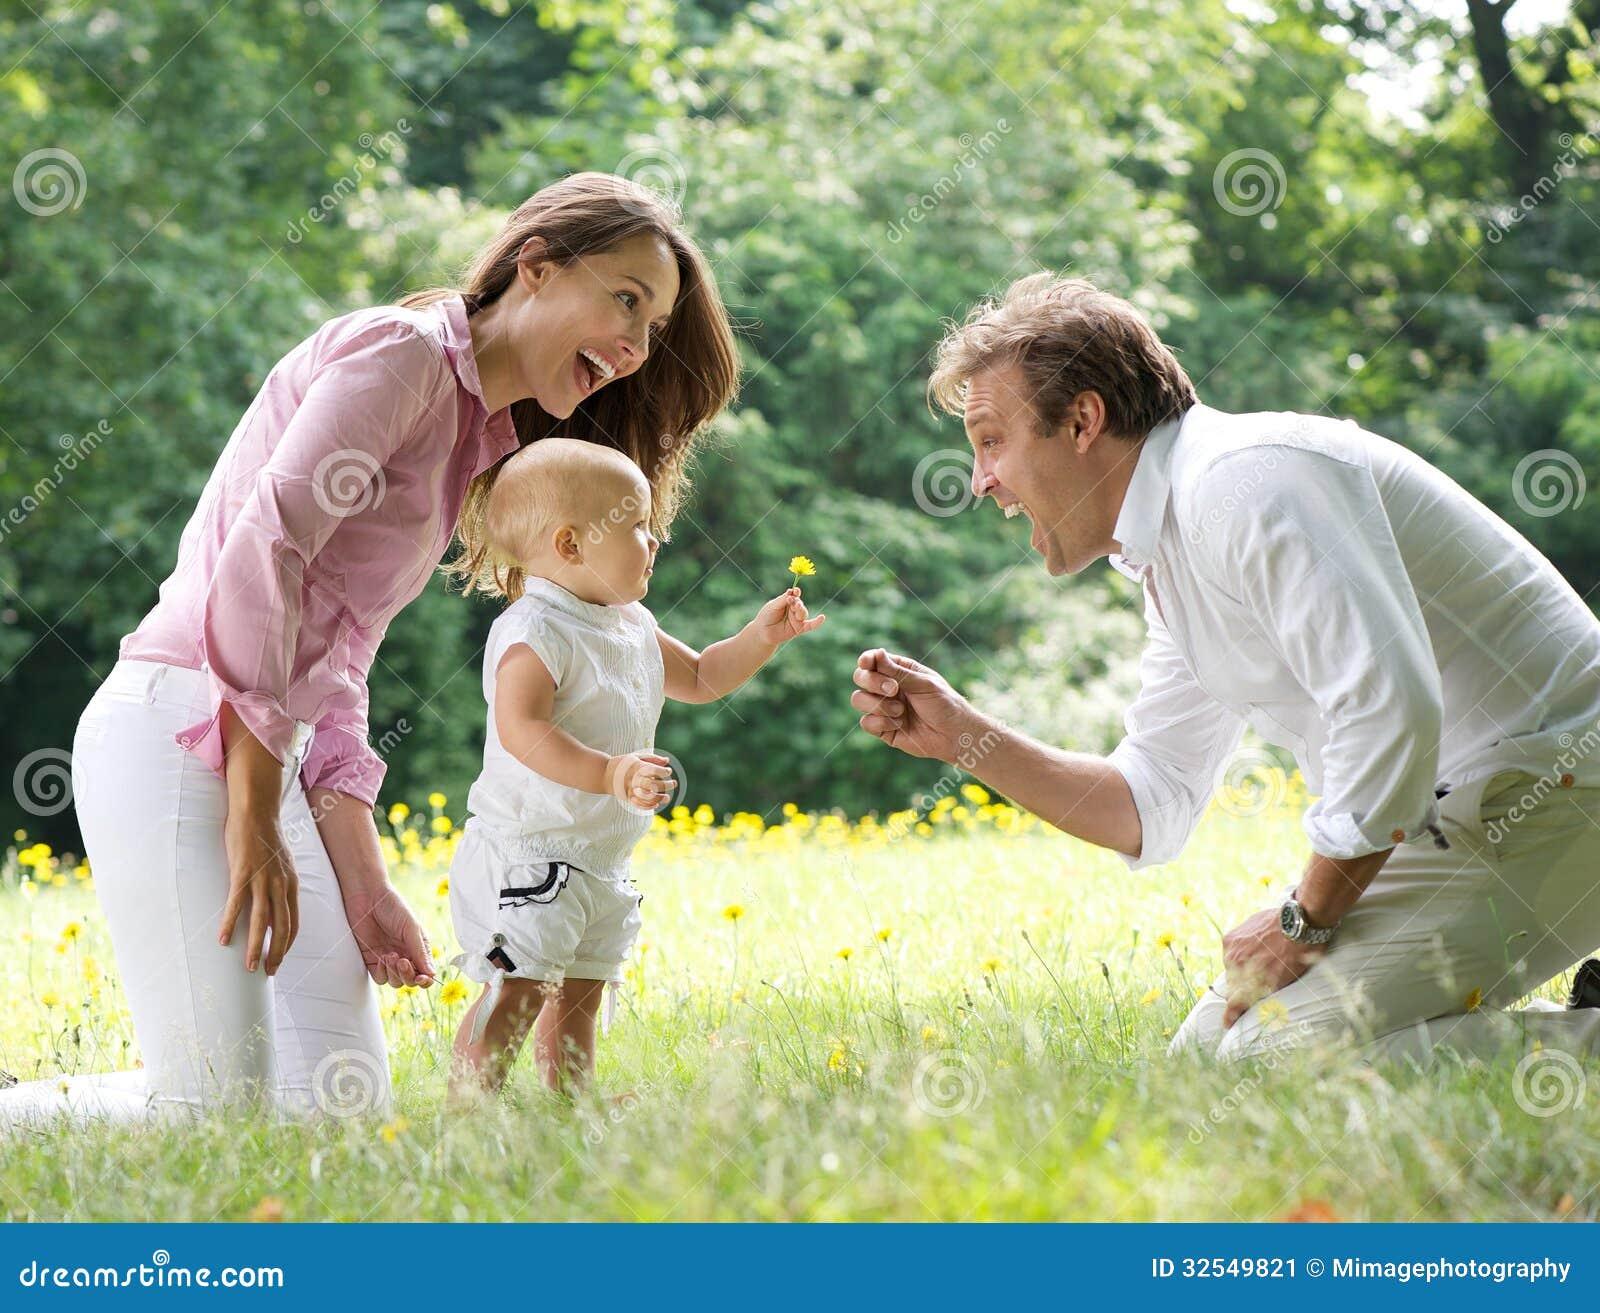 Glückliche Familie mit dem Kind, das dem Vater Blume gibt